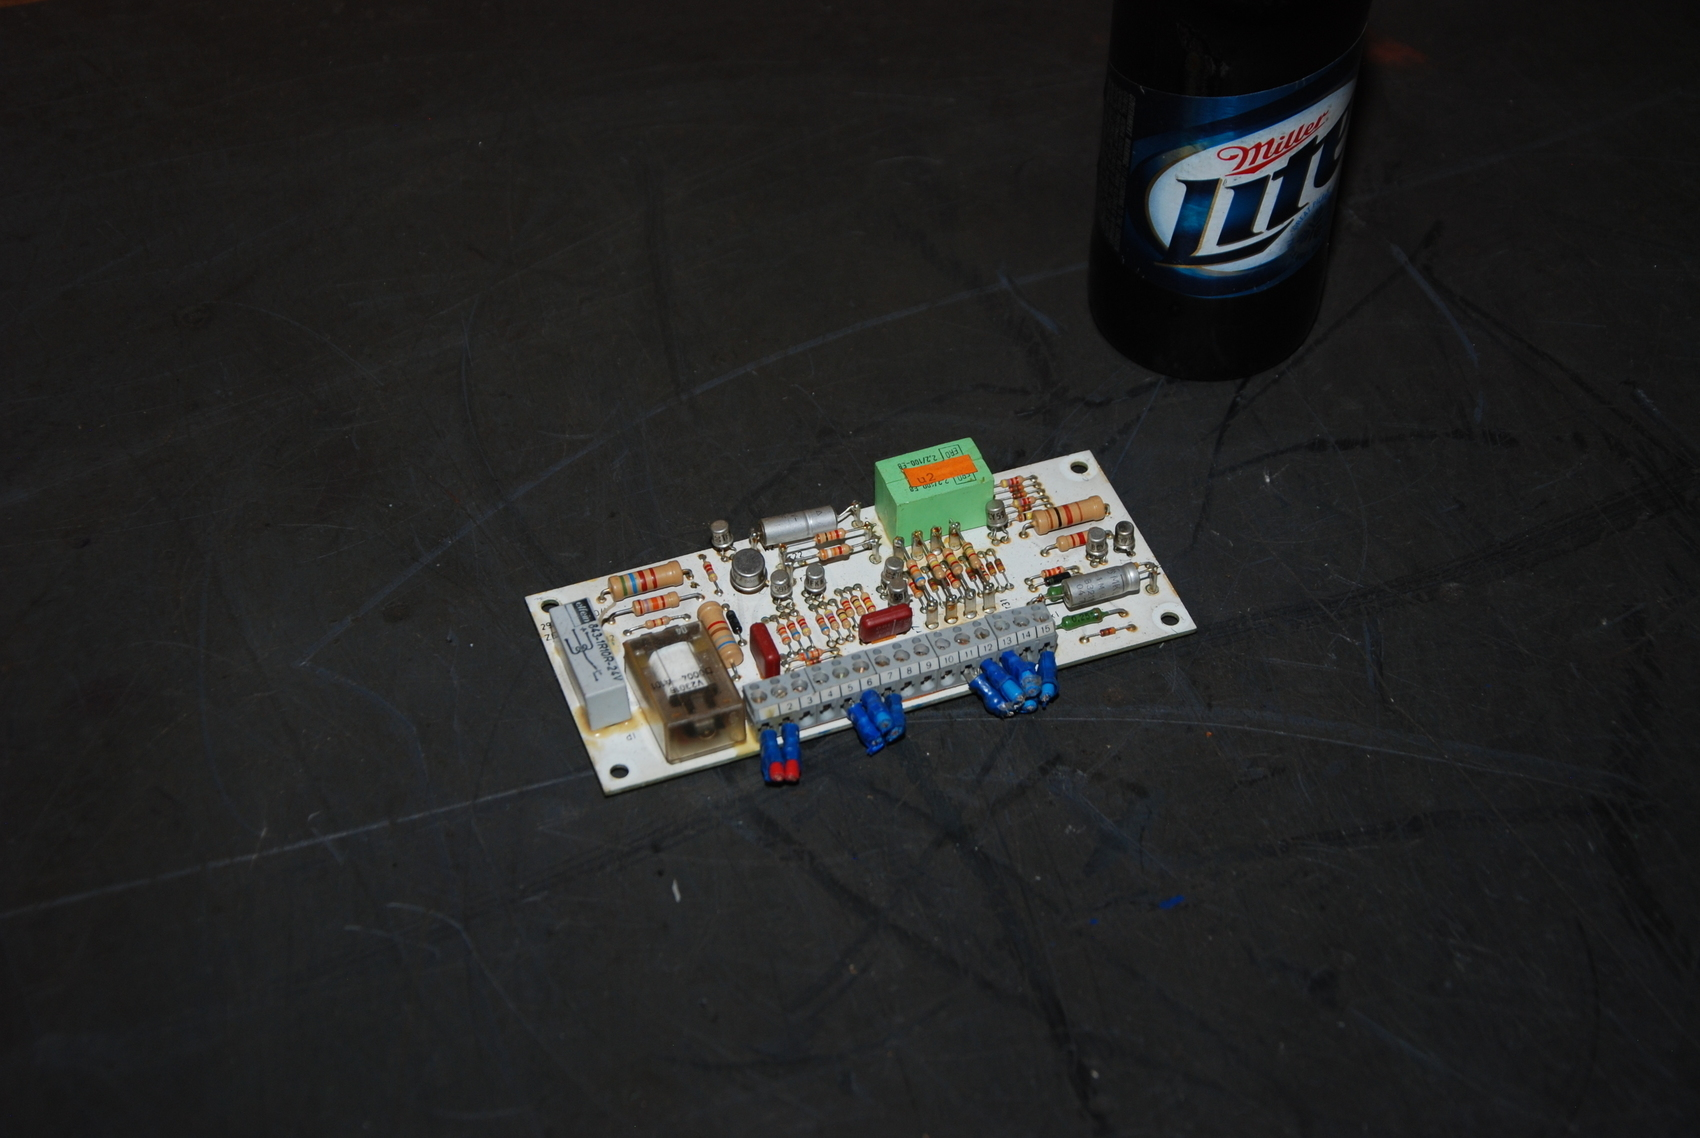 AEG Minisemi 29.2308.0180/1Circuit Board from UTECO CORAL 675